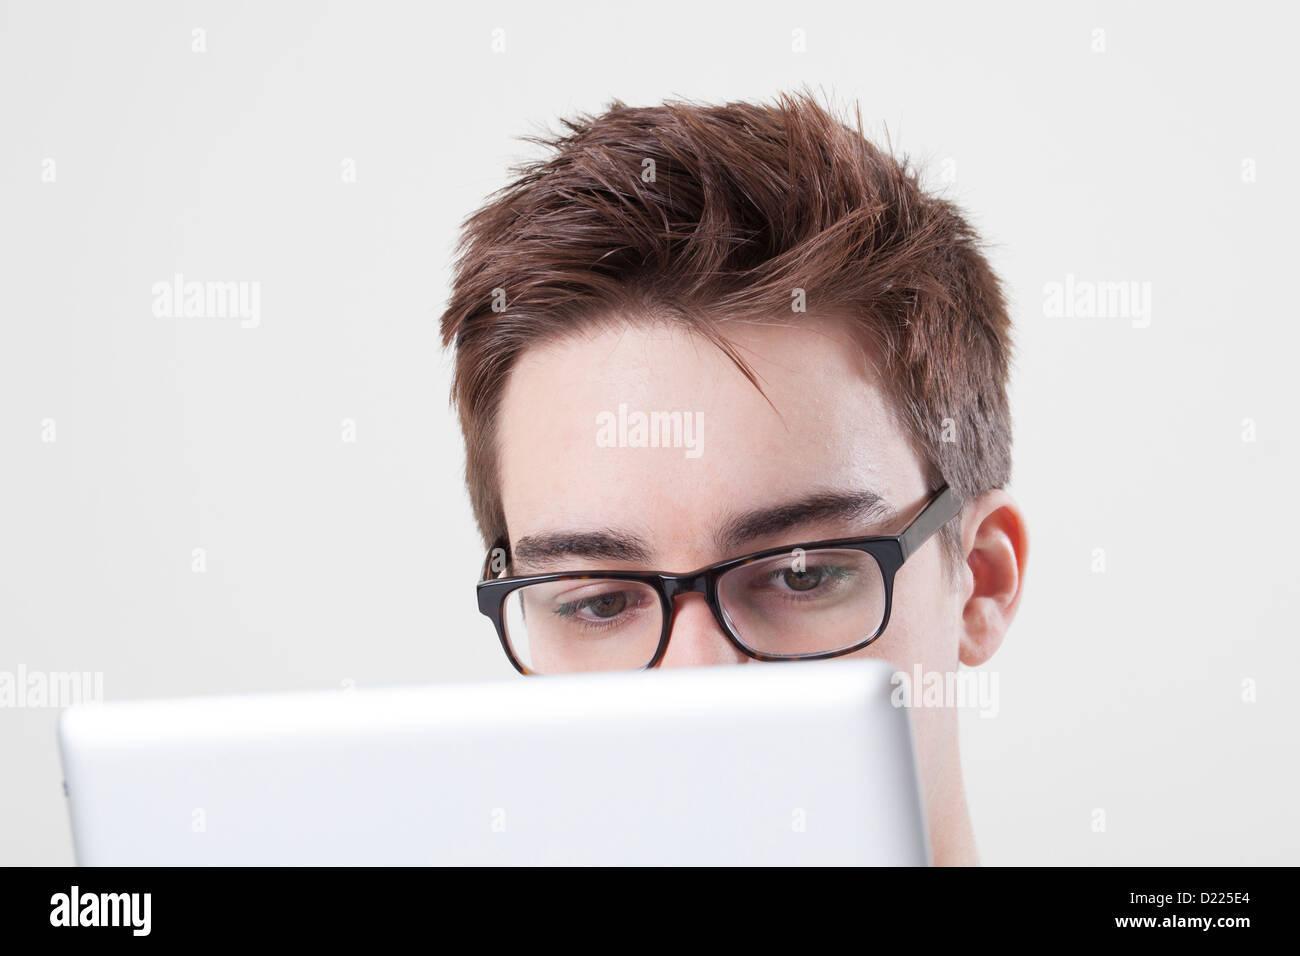 Macho joven con gafas mirando la pantalla de su ordenador portátil o tablet digital. Cerca de los ojos. Imagen De Stock